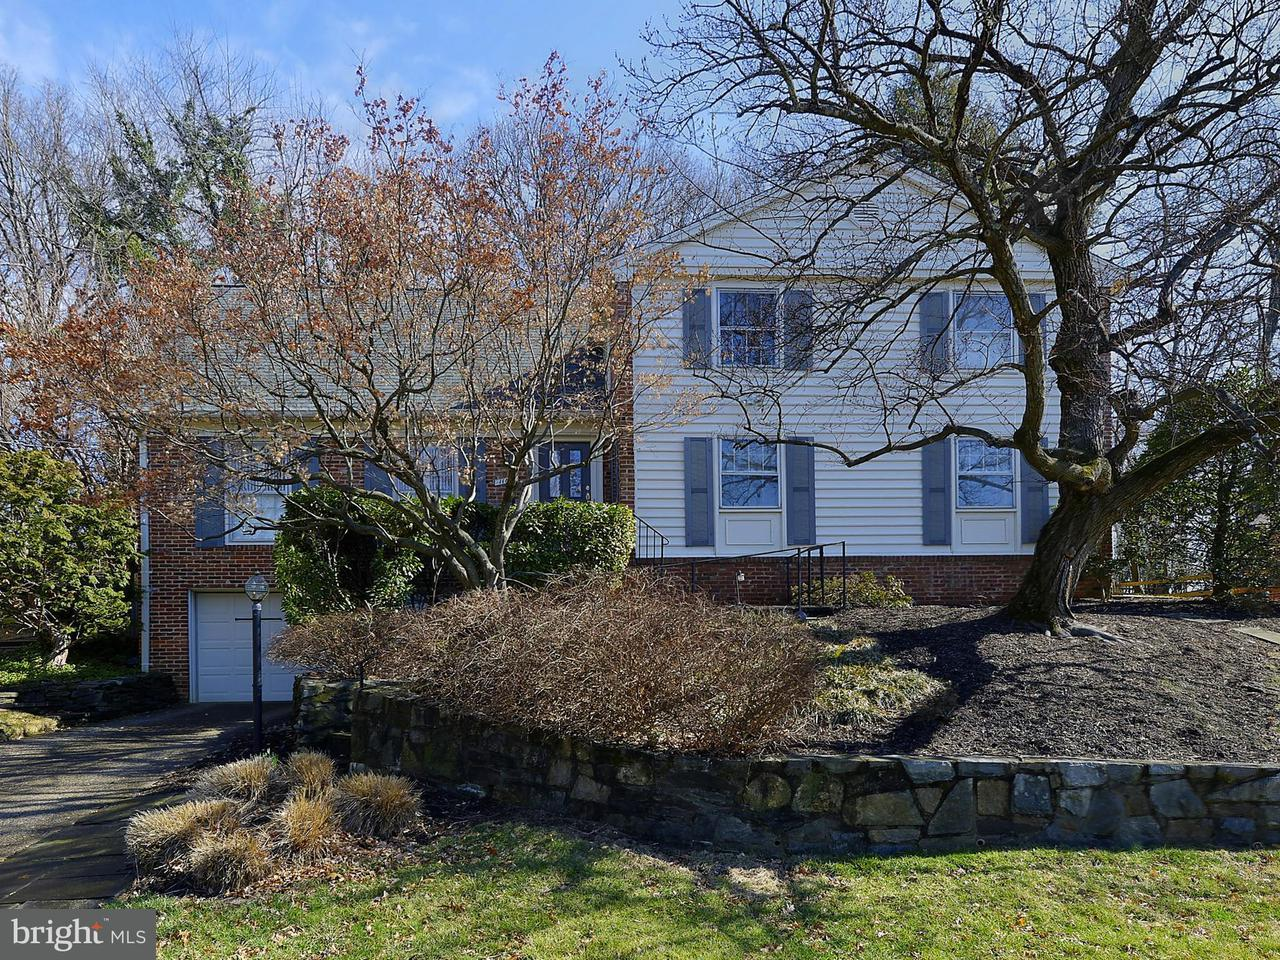 단독 가정 주택 용 매매 에 11611 Magruder Lane 11611 Magruder Lane Rockville, 메릴랜드 20852 미국